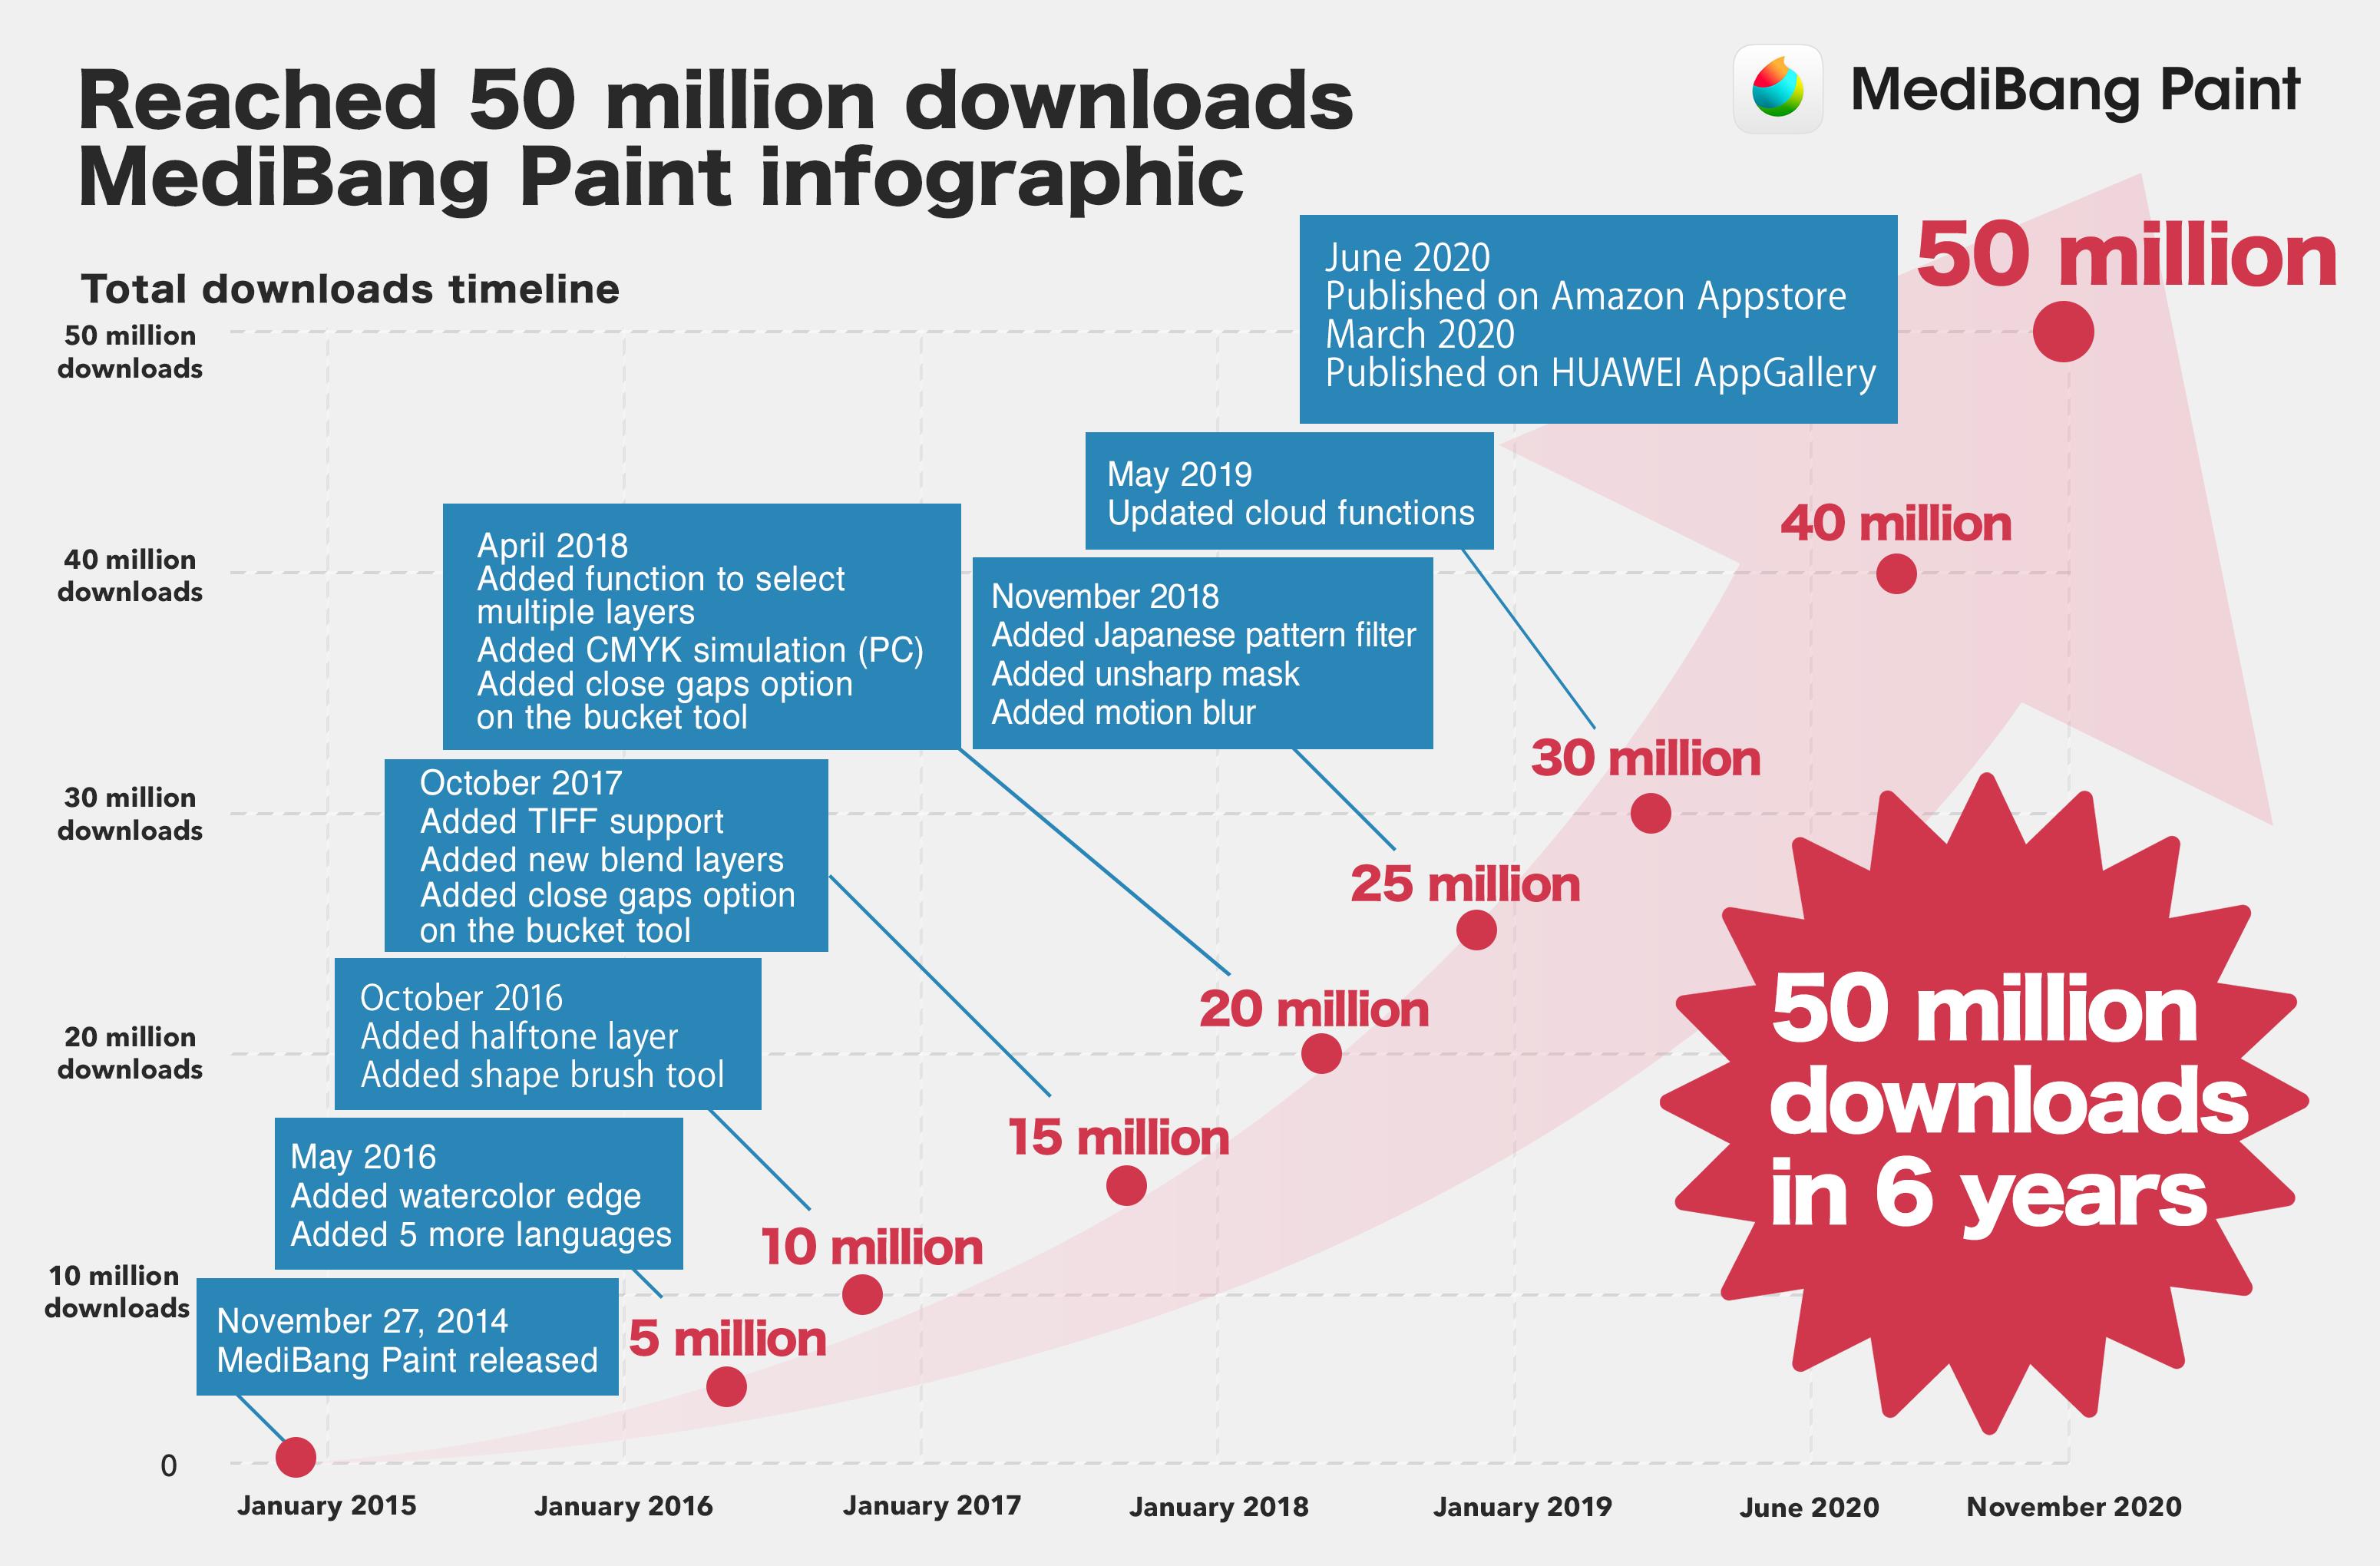 5000万ダウンロード突破、データで見るメディバンペイント